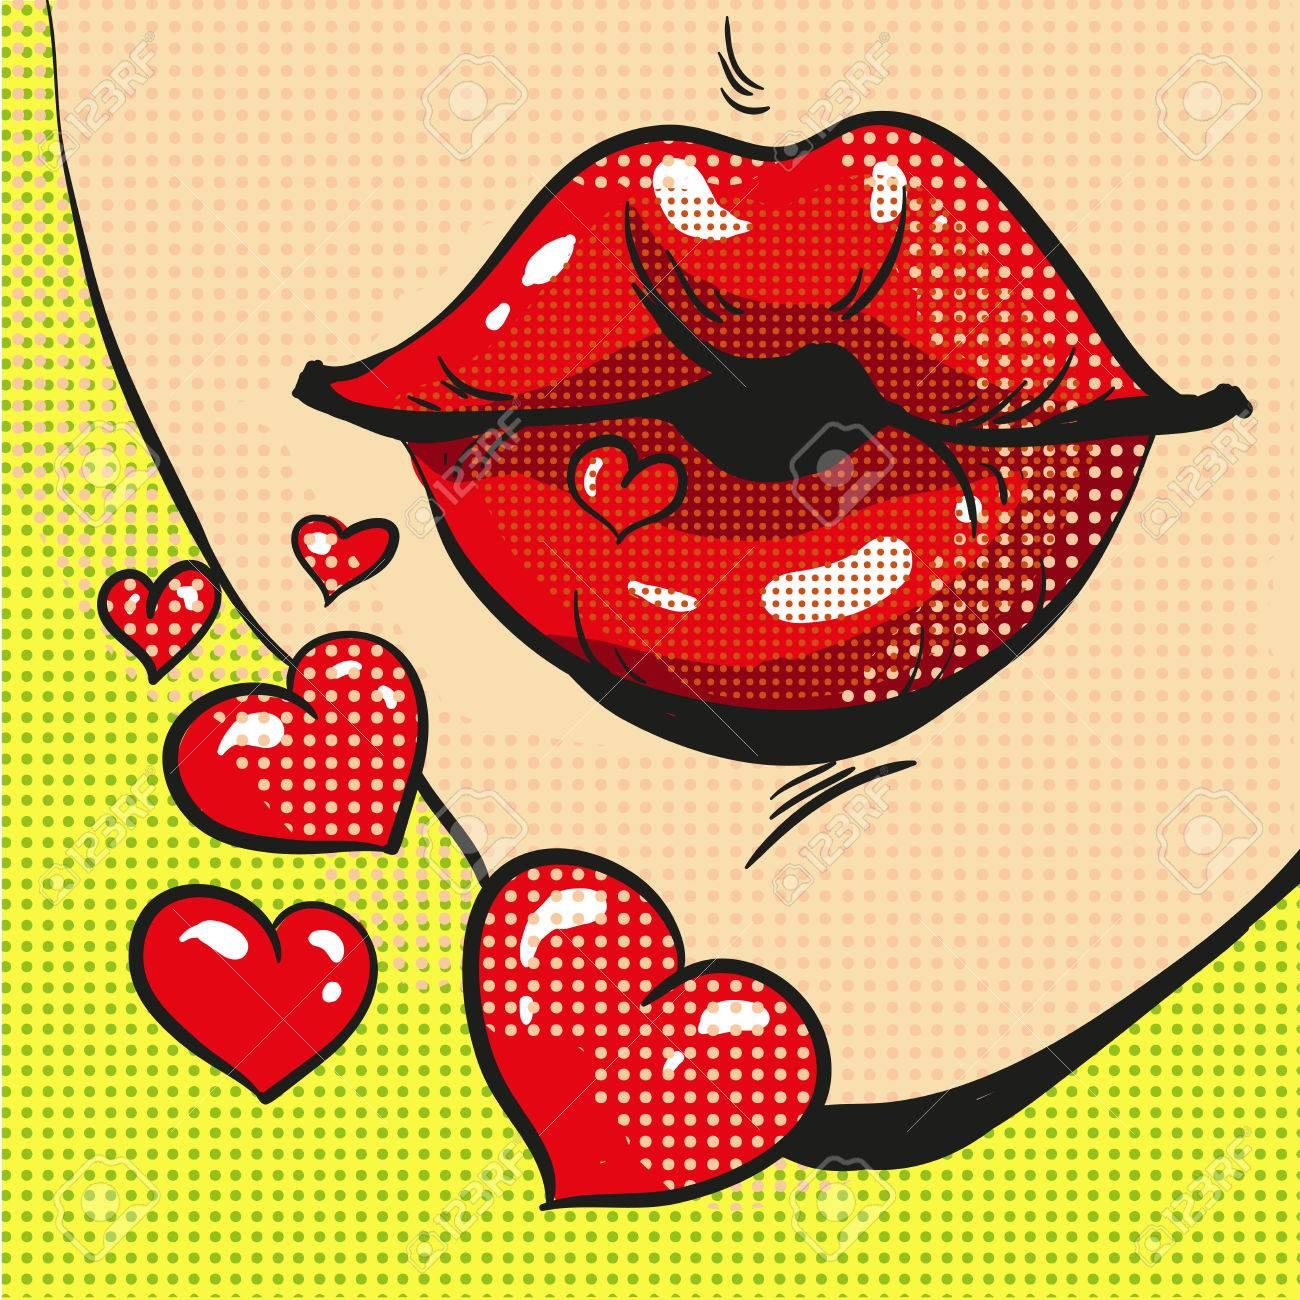 Femme Envoi Coeur Bisous Pop Art Bande Dessinee Style Clip